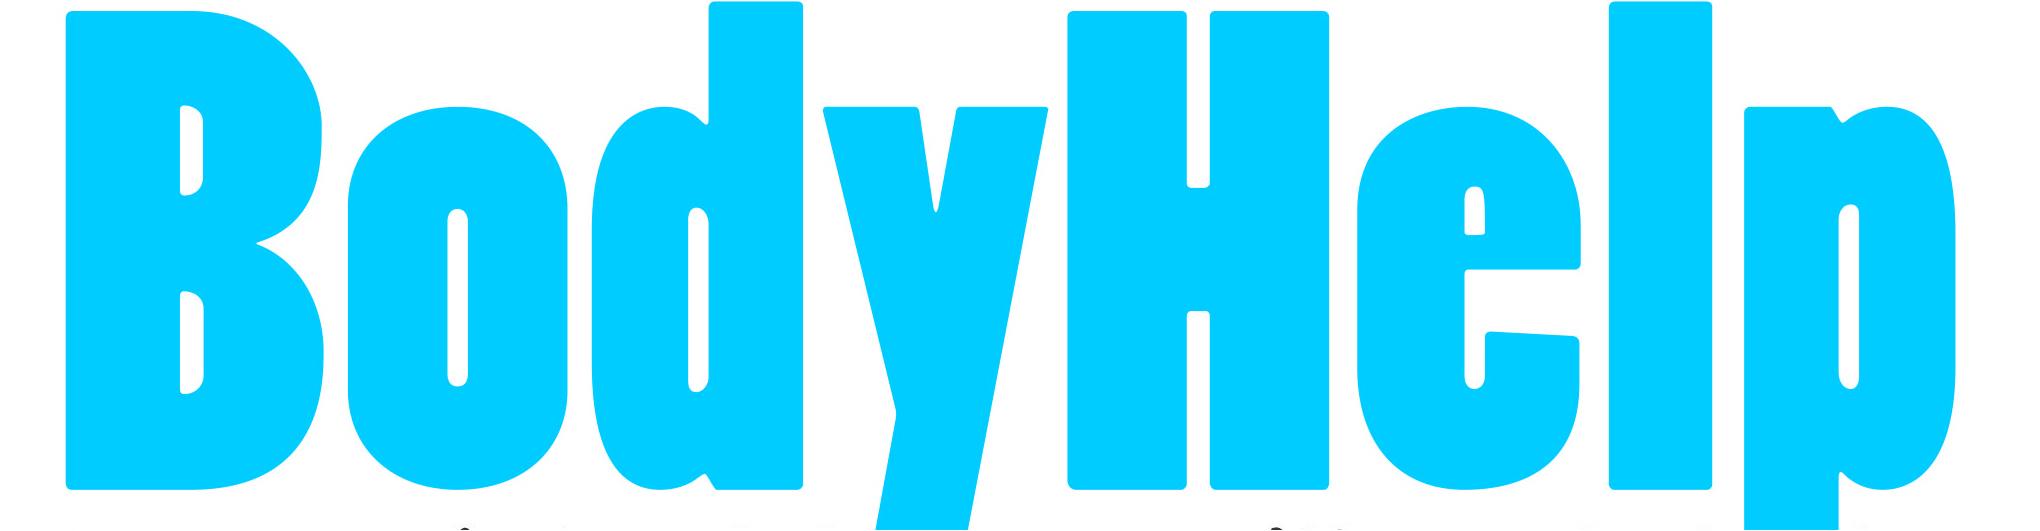 Bodyhelp - For børn, unge og voskne